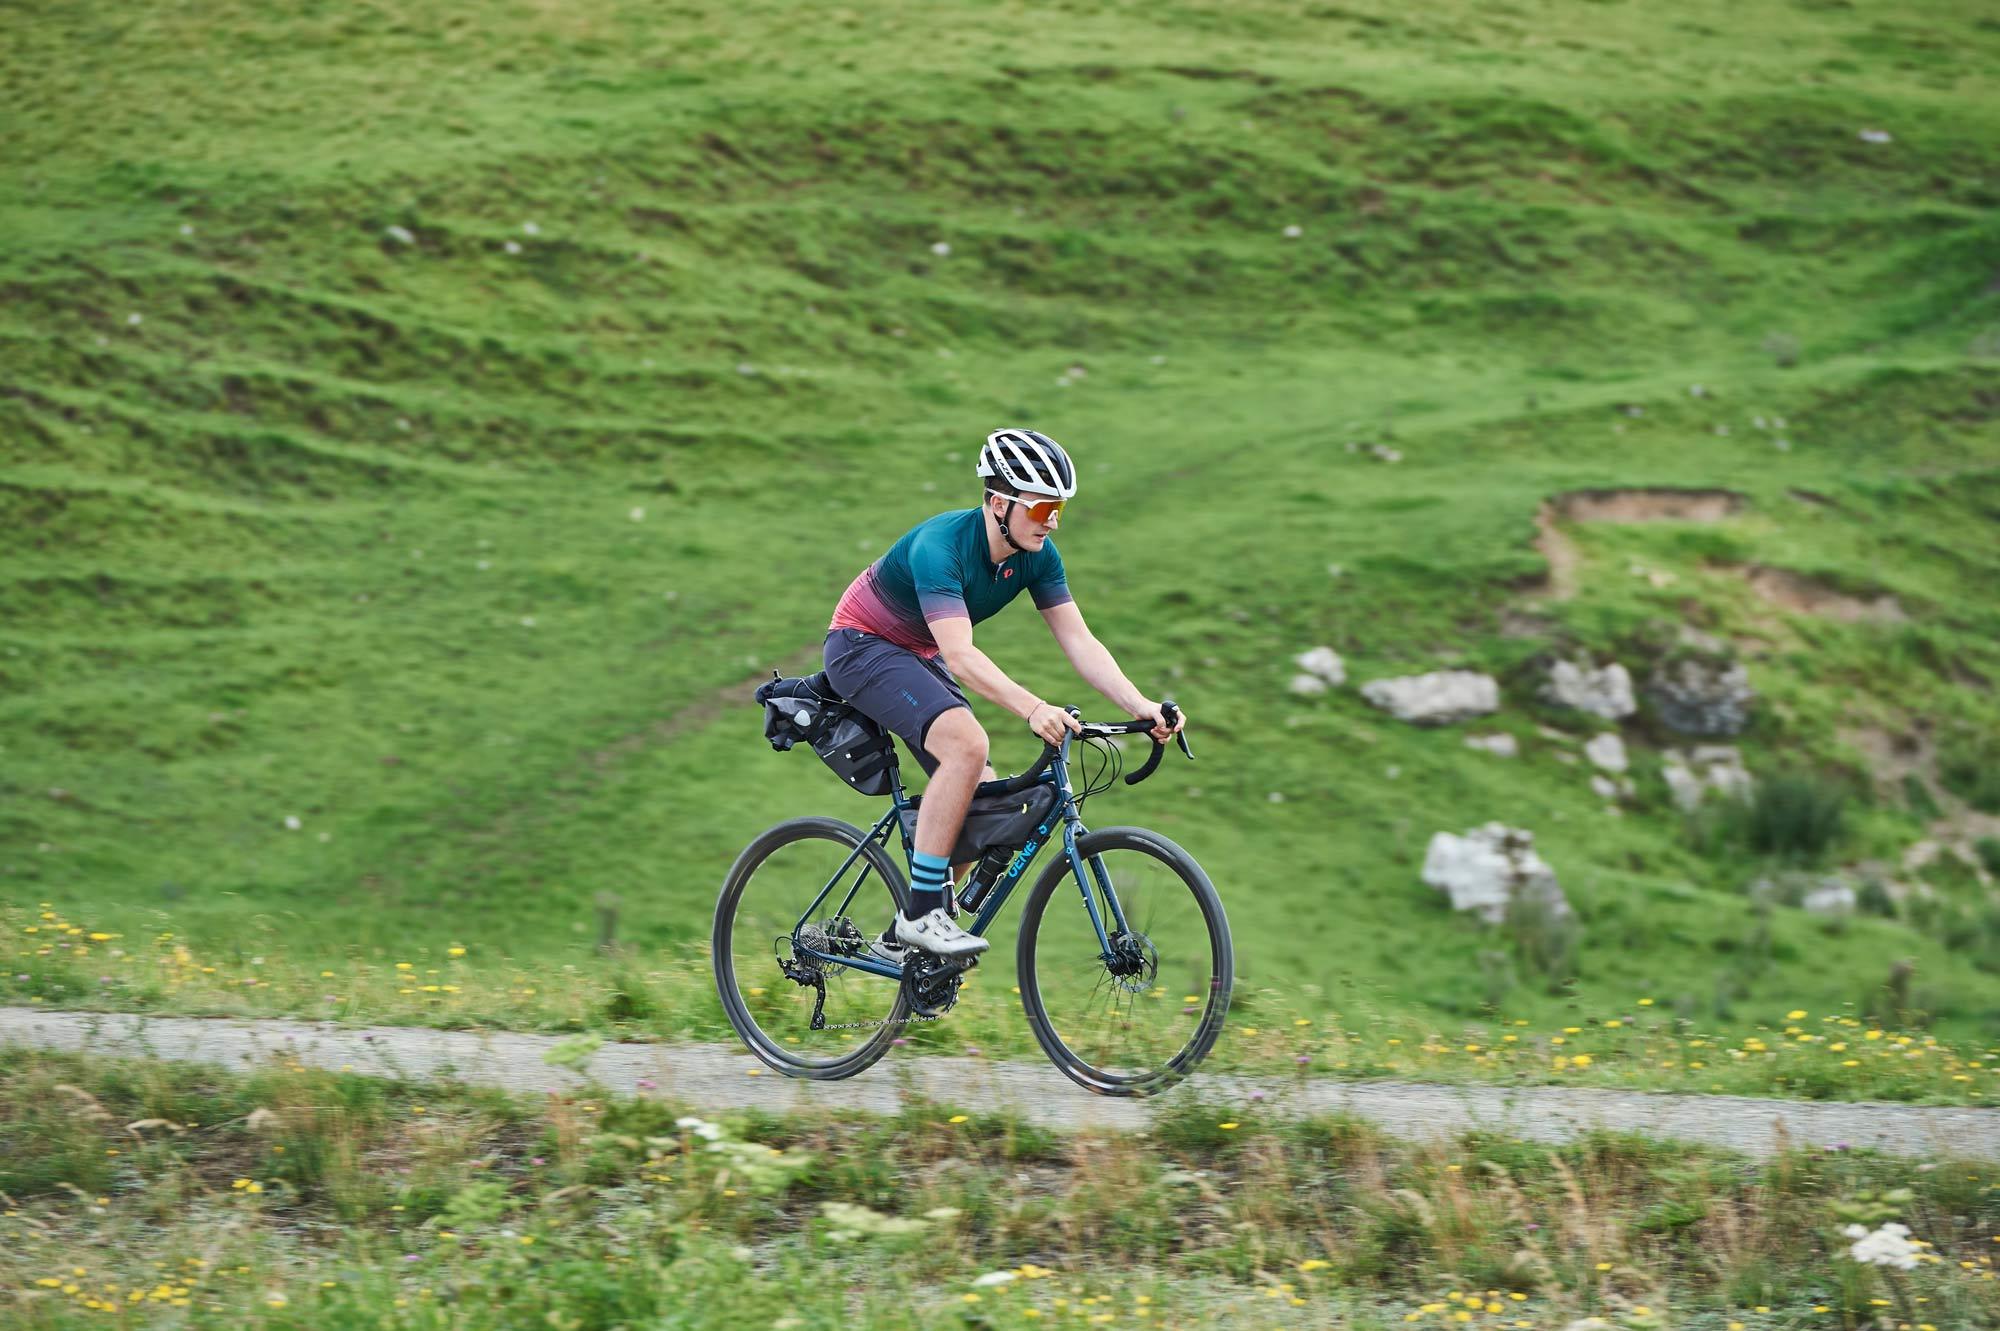 Road.cc put Croix de Fer 20 to the test